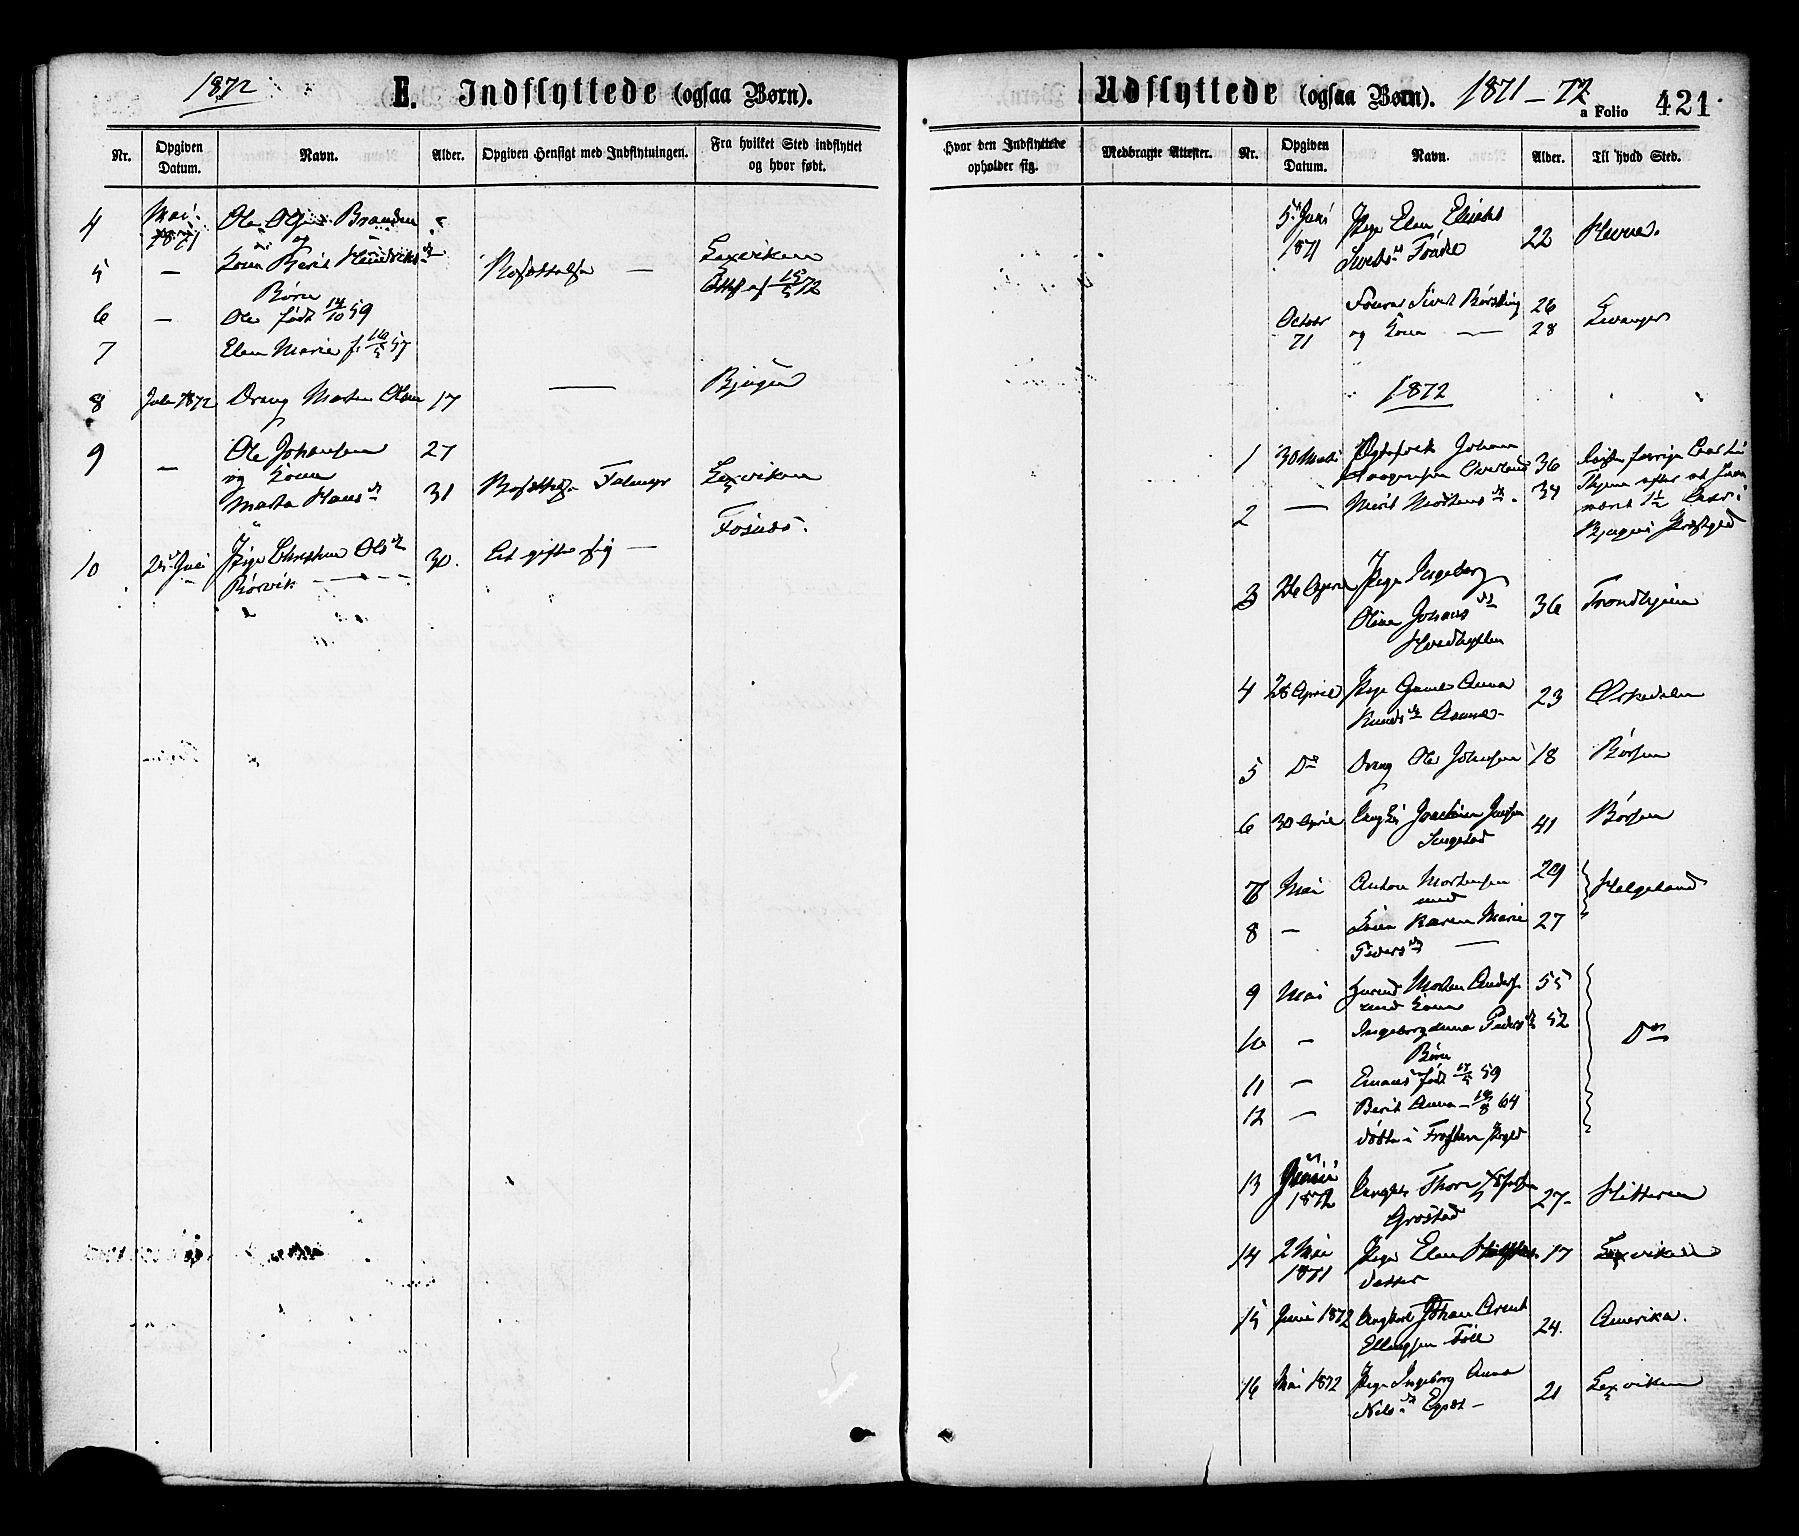 SAT, Ministerialprotokoller, klokkerbøker og fødselsregistre - Sør-Trøndelag, 646/L0613: Ministerialbok nr. 646A11, 1870-1884, s. 421